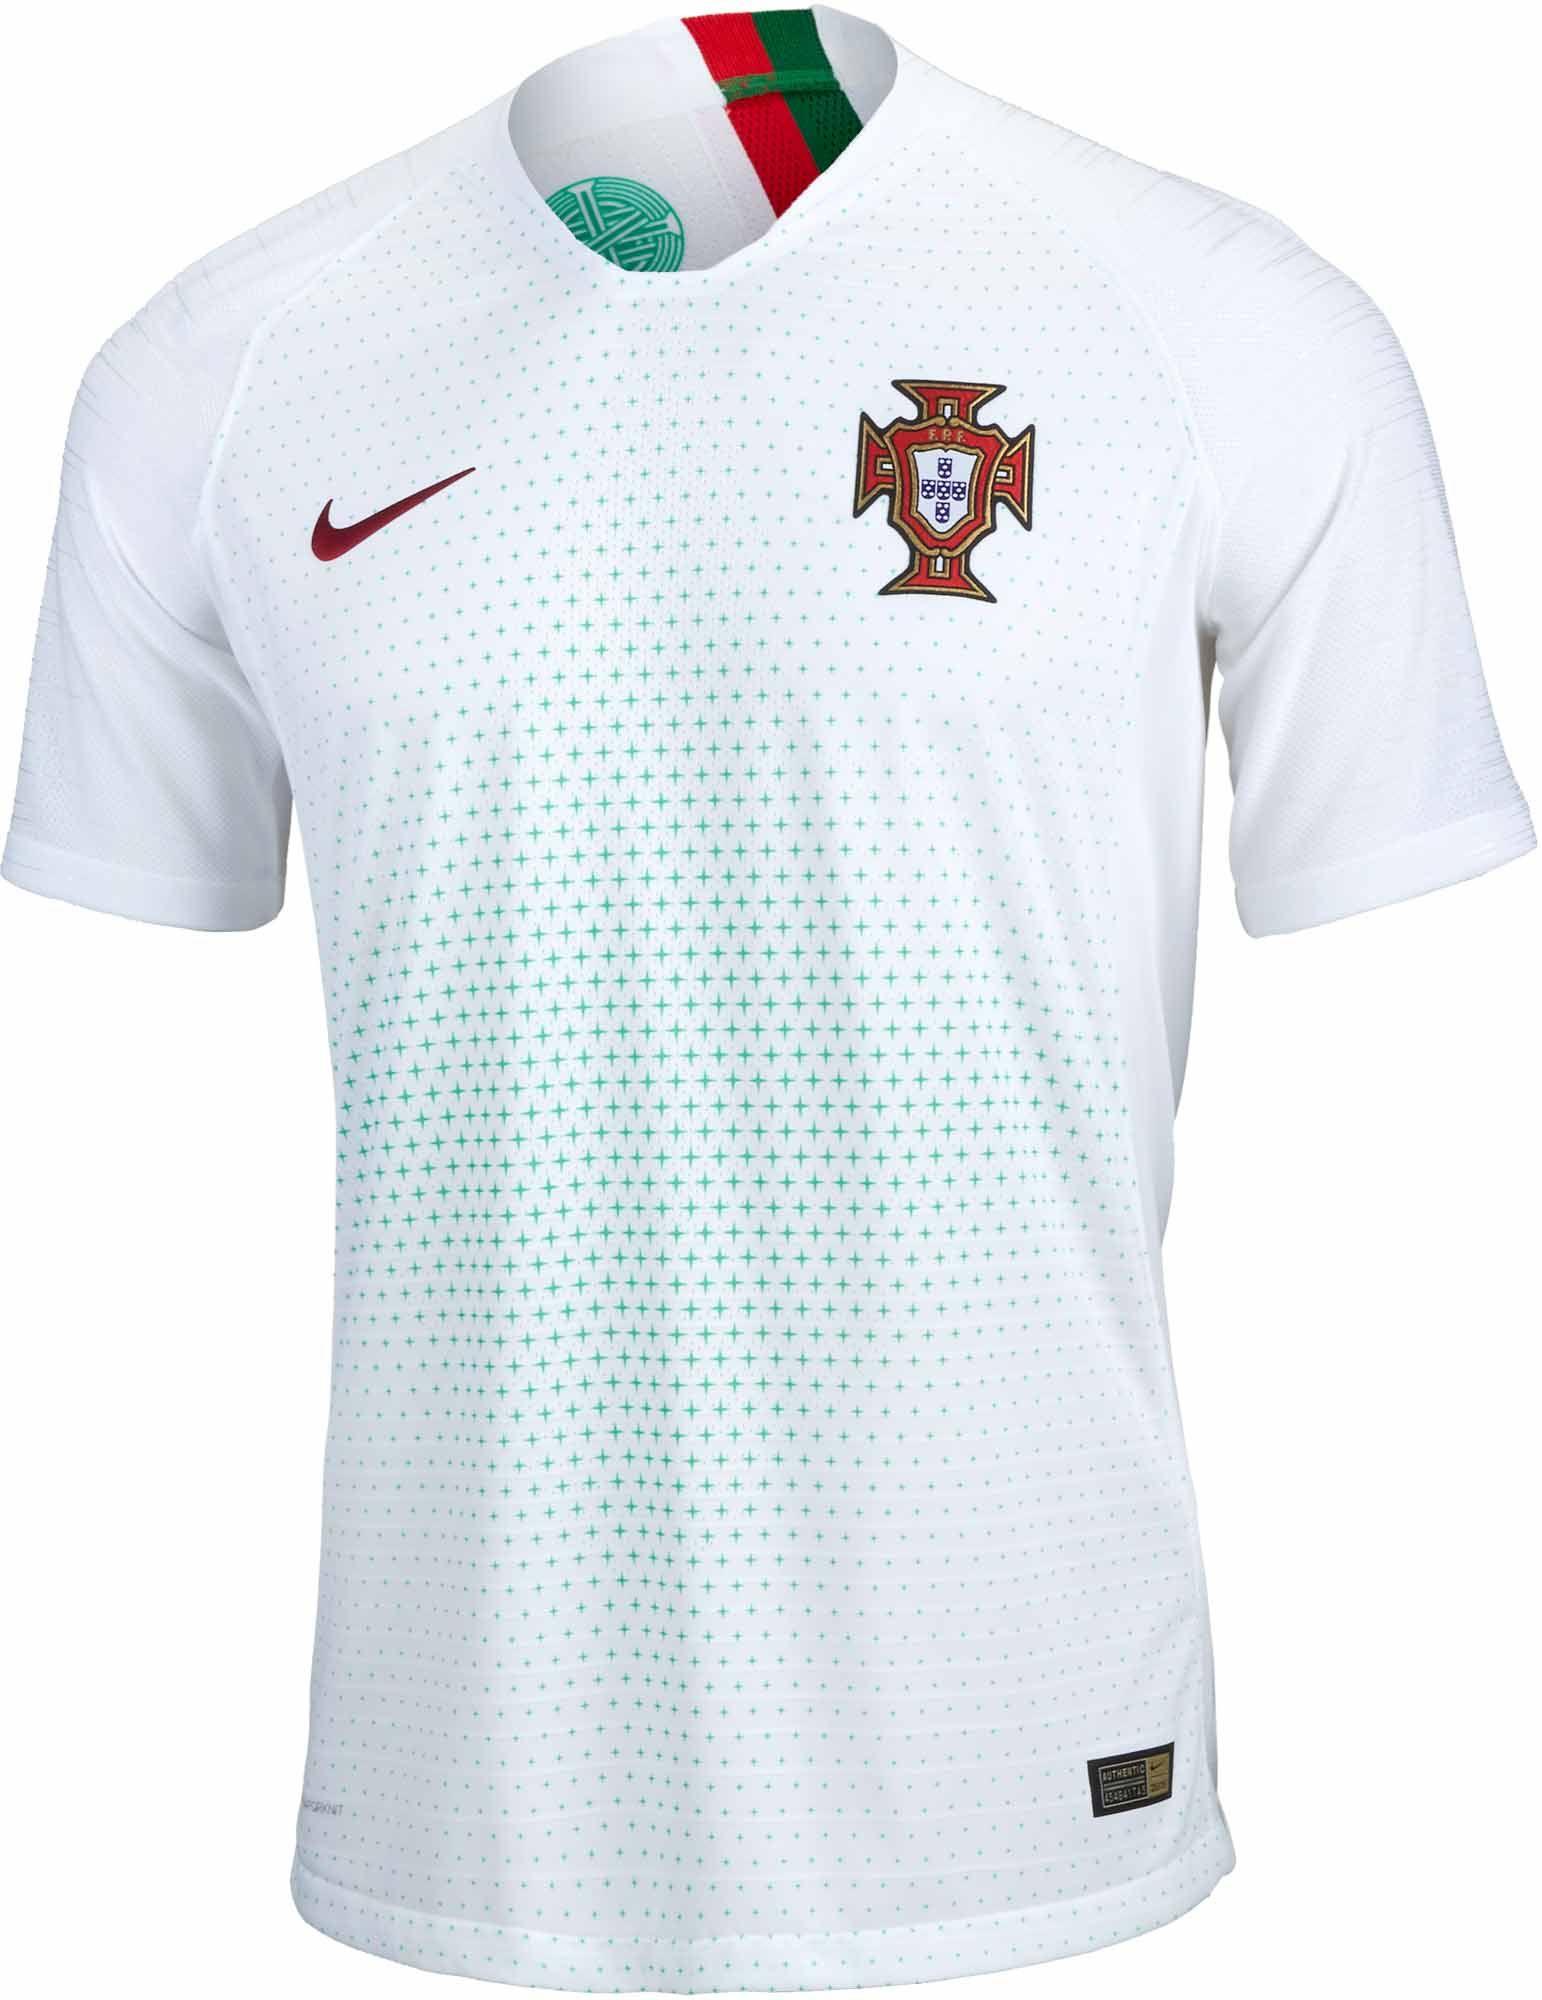 86e8731de Buy the 2018 19 Nike Portugal Away Match Jersey from www.soccerpro.com